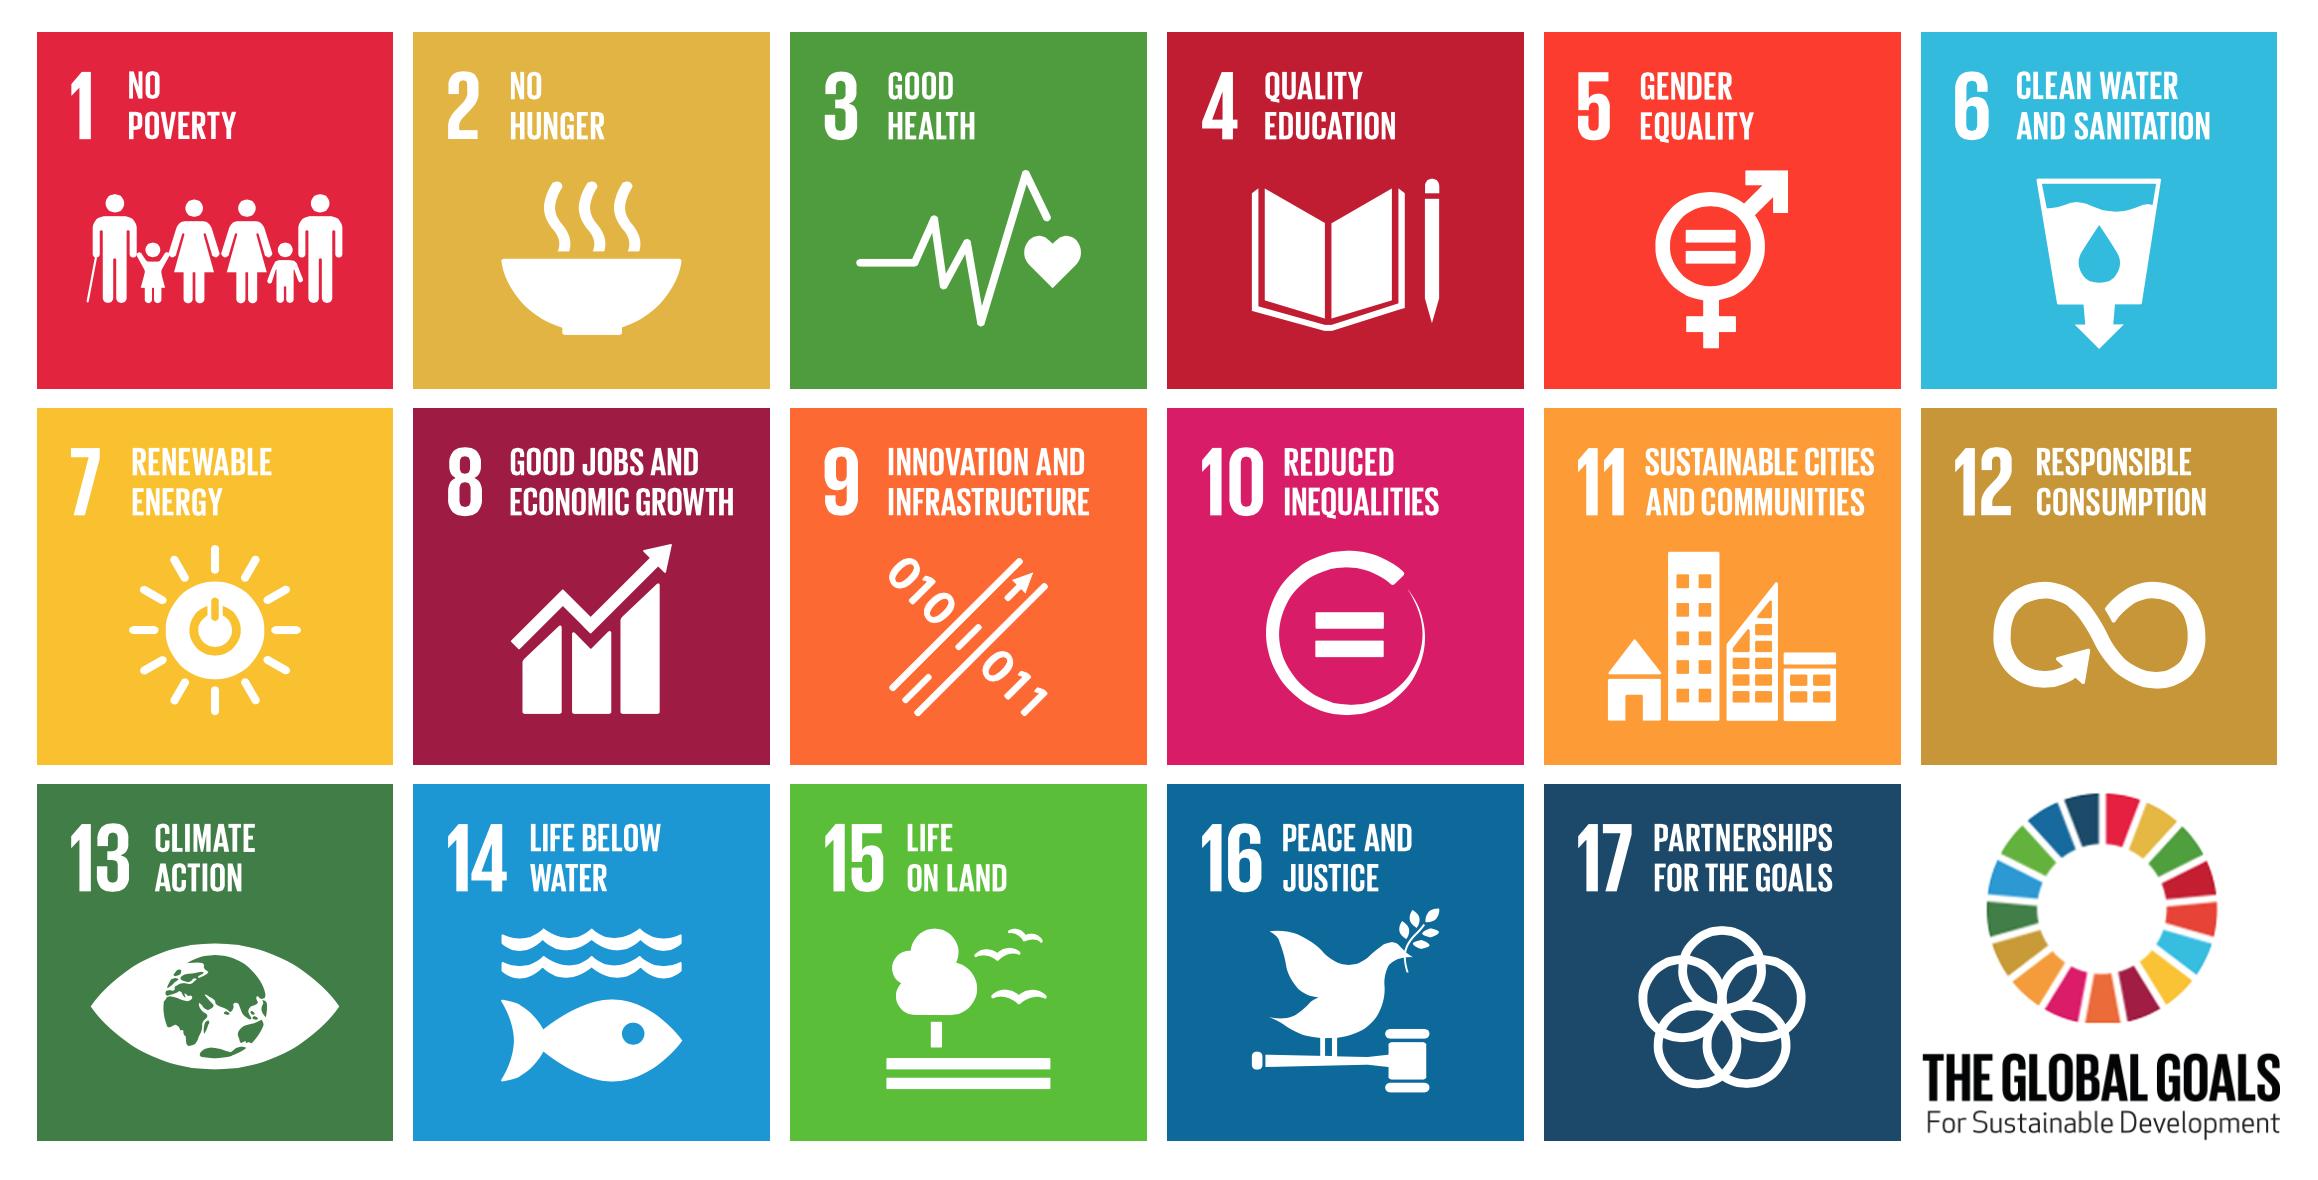 Lystgården har FNs bærekraftsmål som horisont. Disse 17 ulike målene handler om mer enn klima, det handler i aller høyeste grad også om å skape bærekraftige mellommenneskelige fellesskap. Om hele livet.